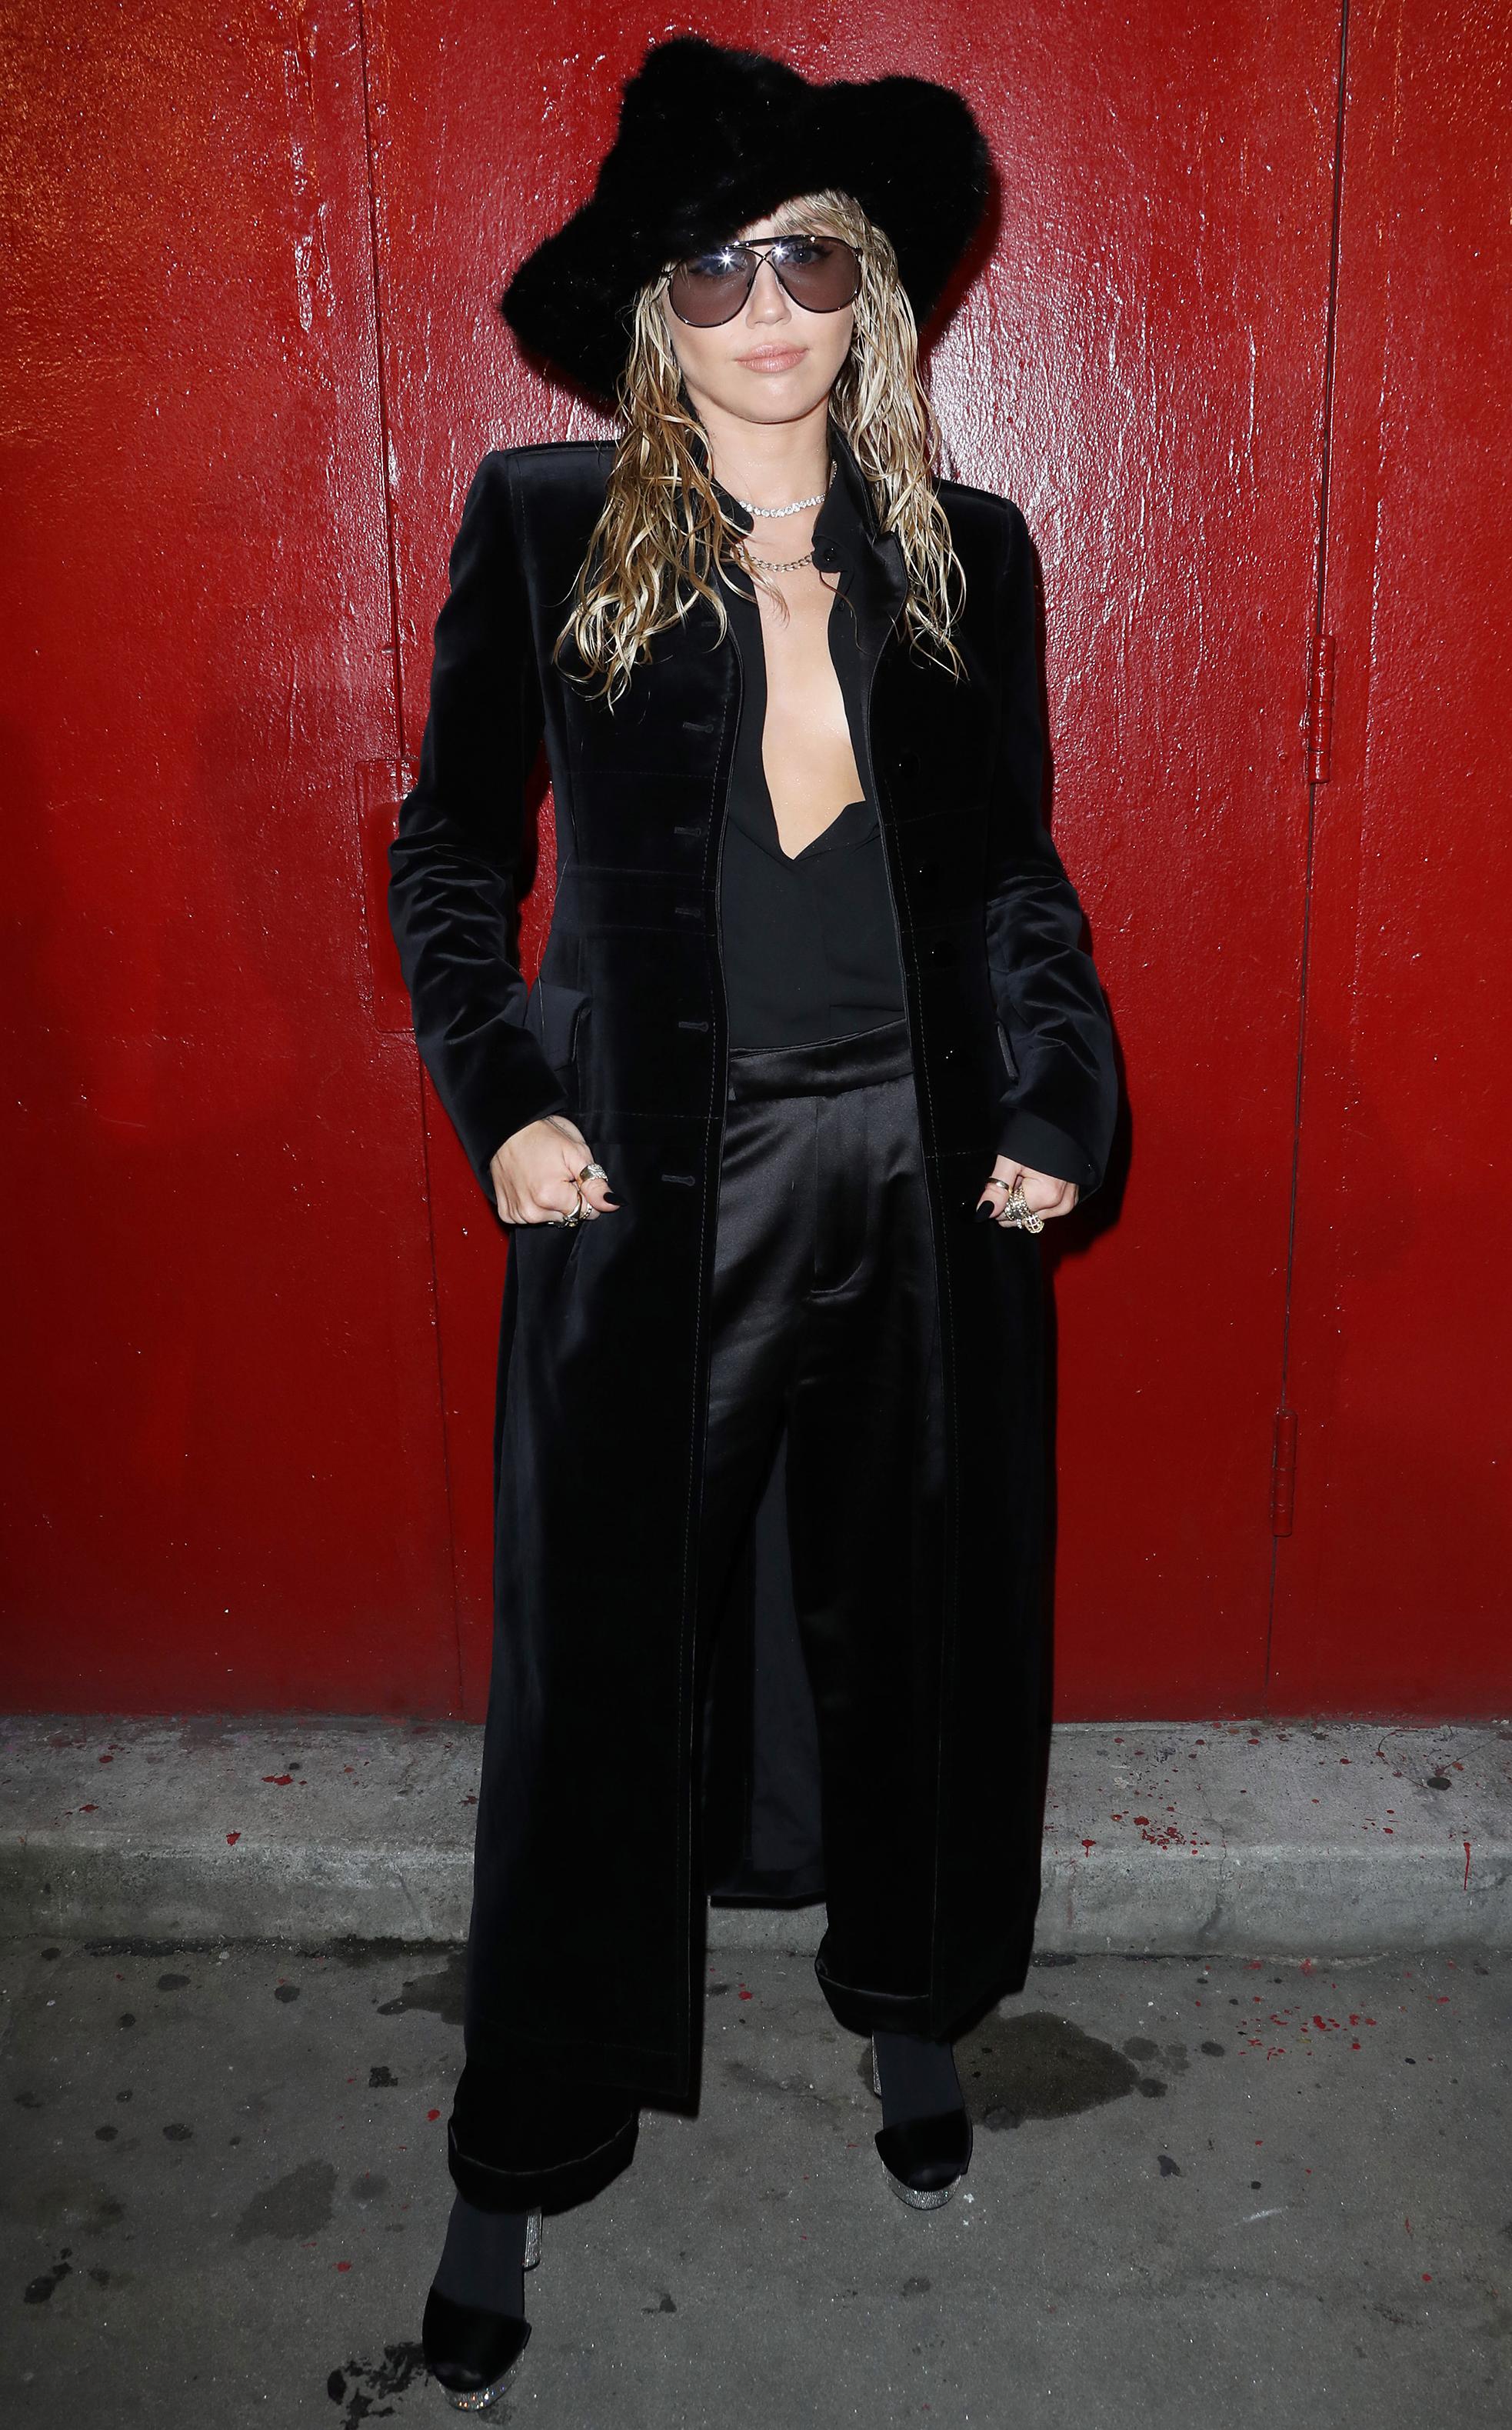 https://www.usmagazine.com/wp content/uploads/2019/09/NYFW Style Miley